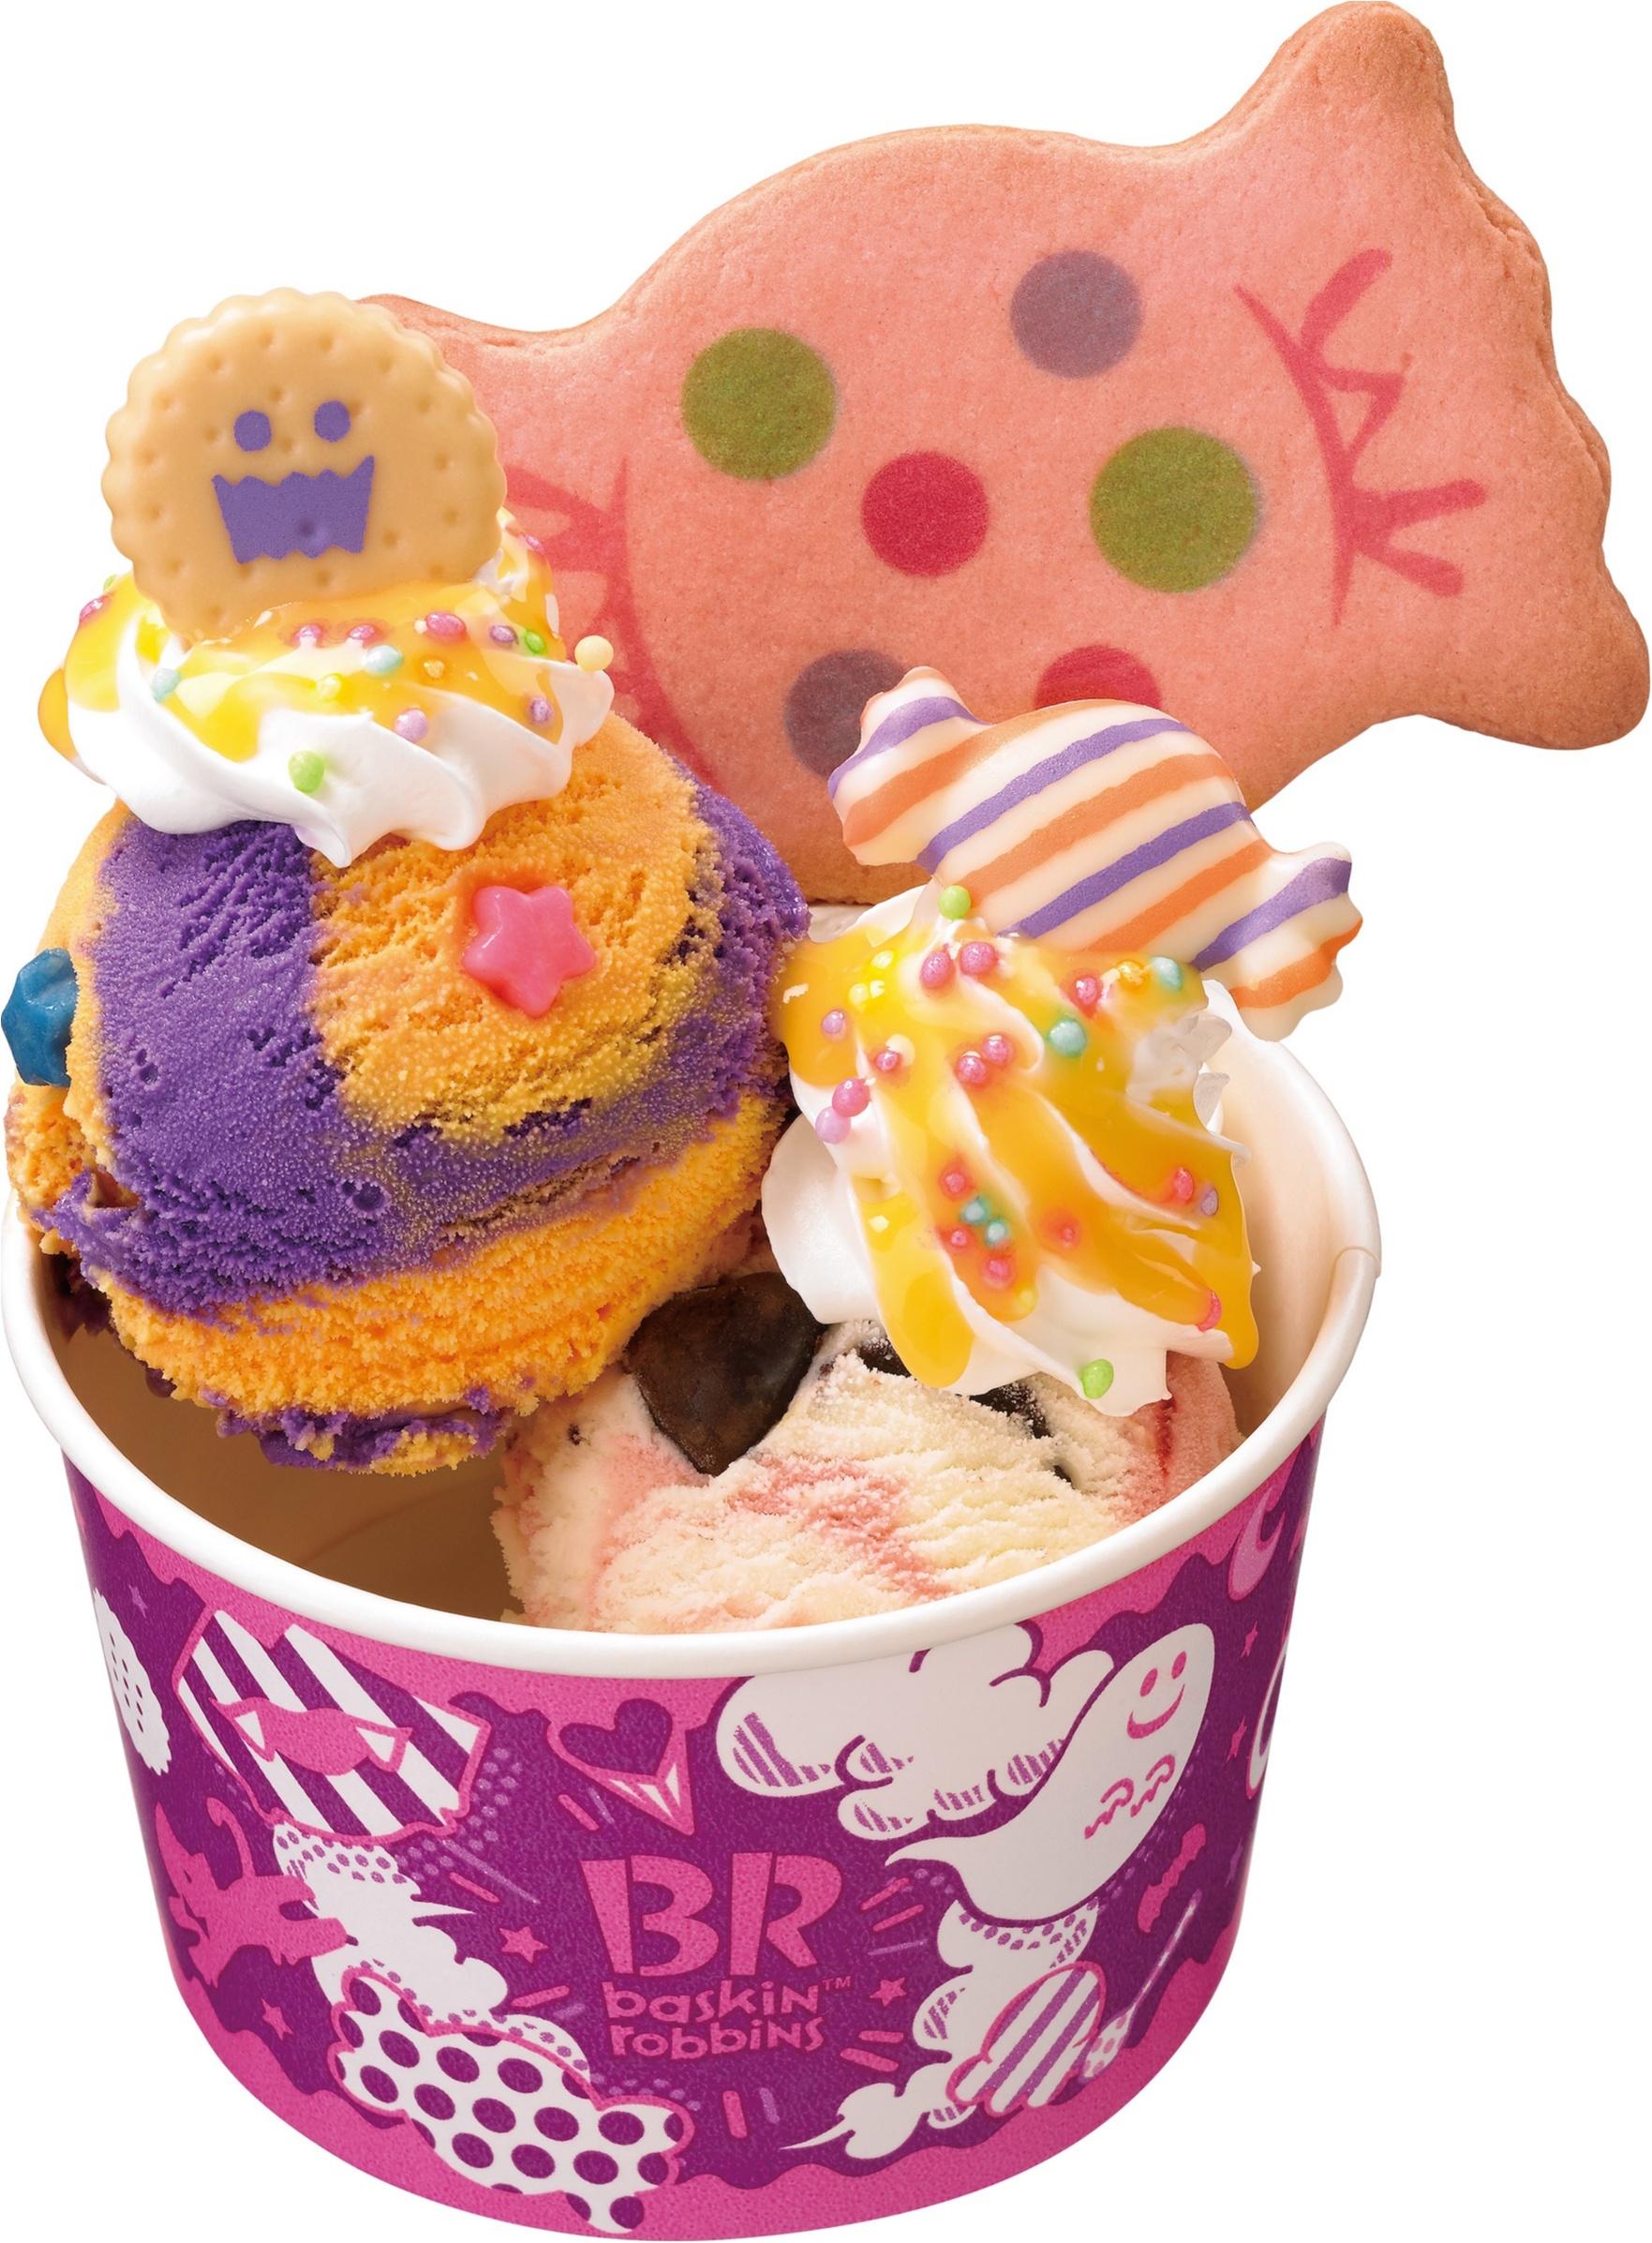 『サーティワン アイスクリーム』のやりすぎ!?なハロウィンがスタート☆ 10/31(火)までの限定サンデーは超キュート♡_1_3